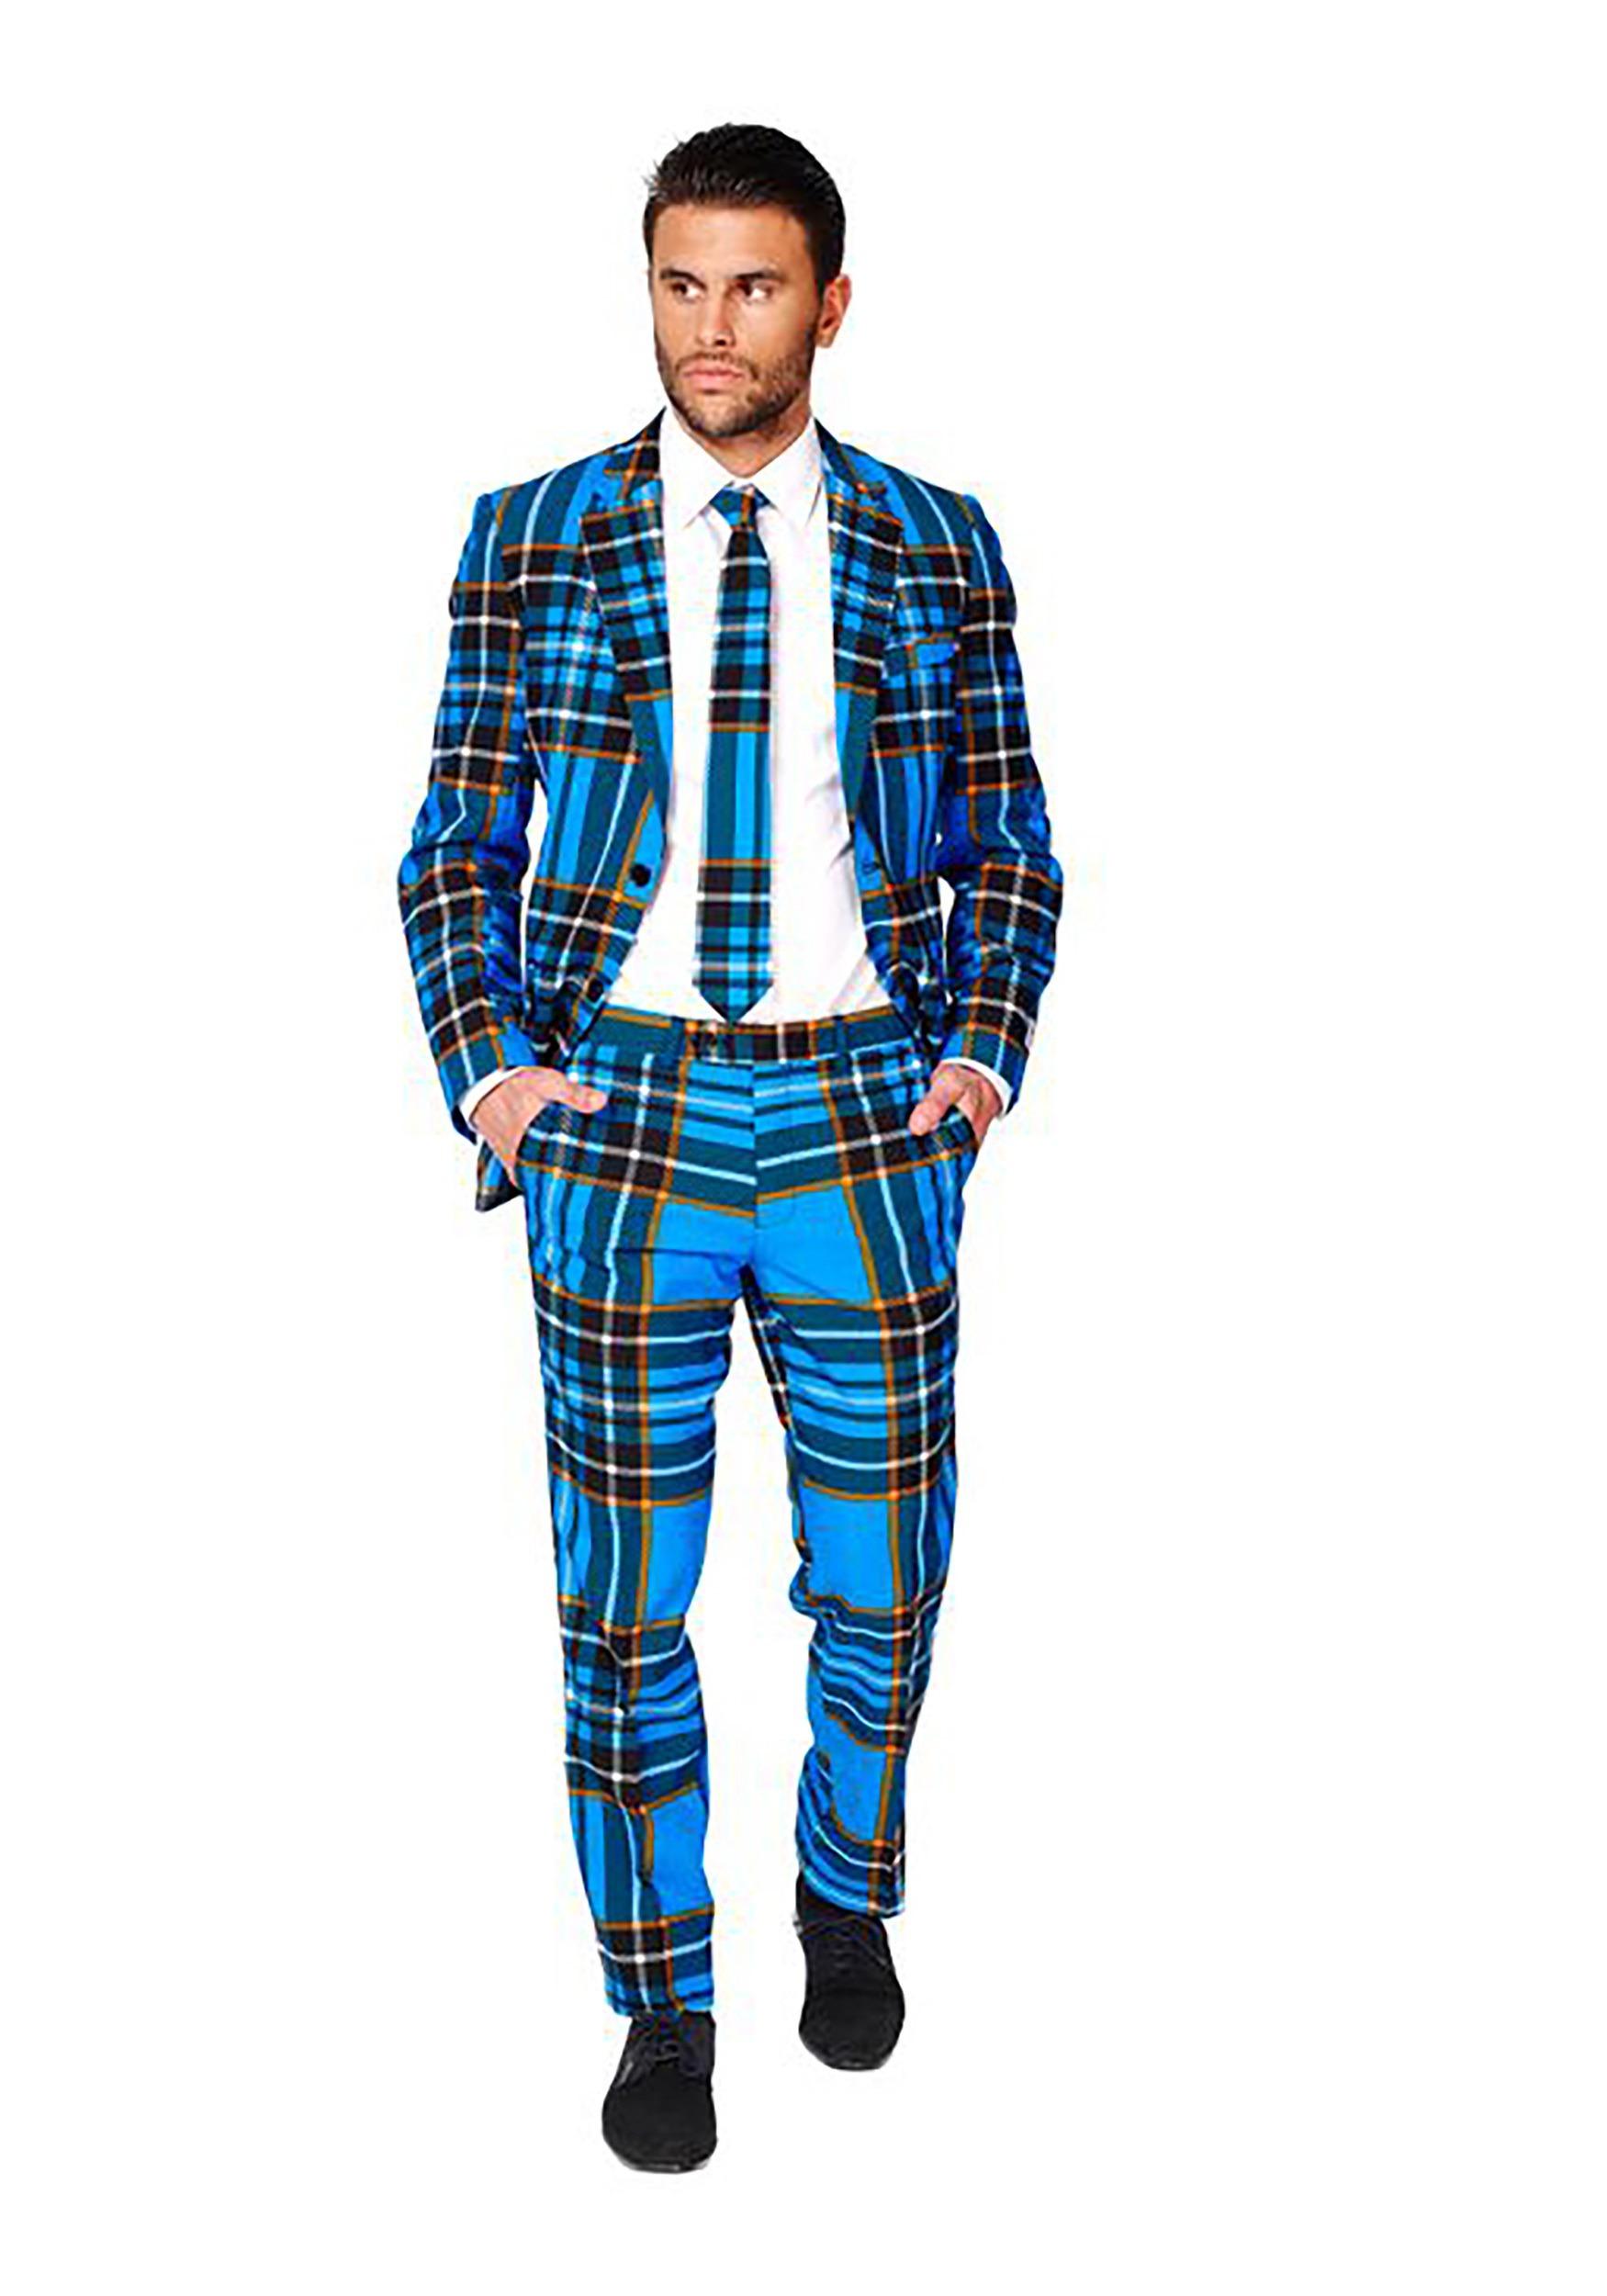 My office suit - 5 10